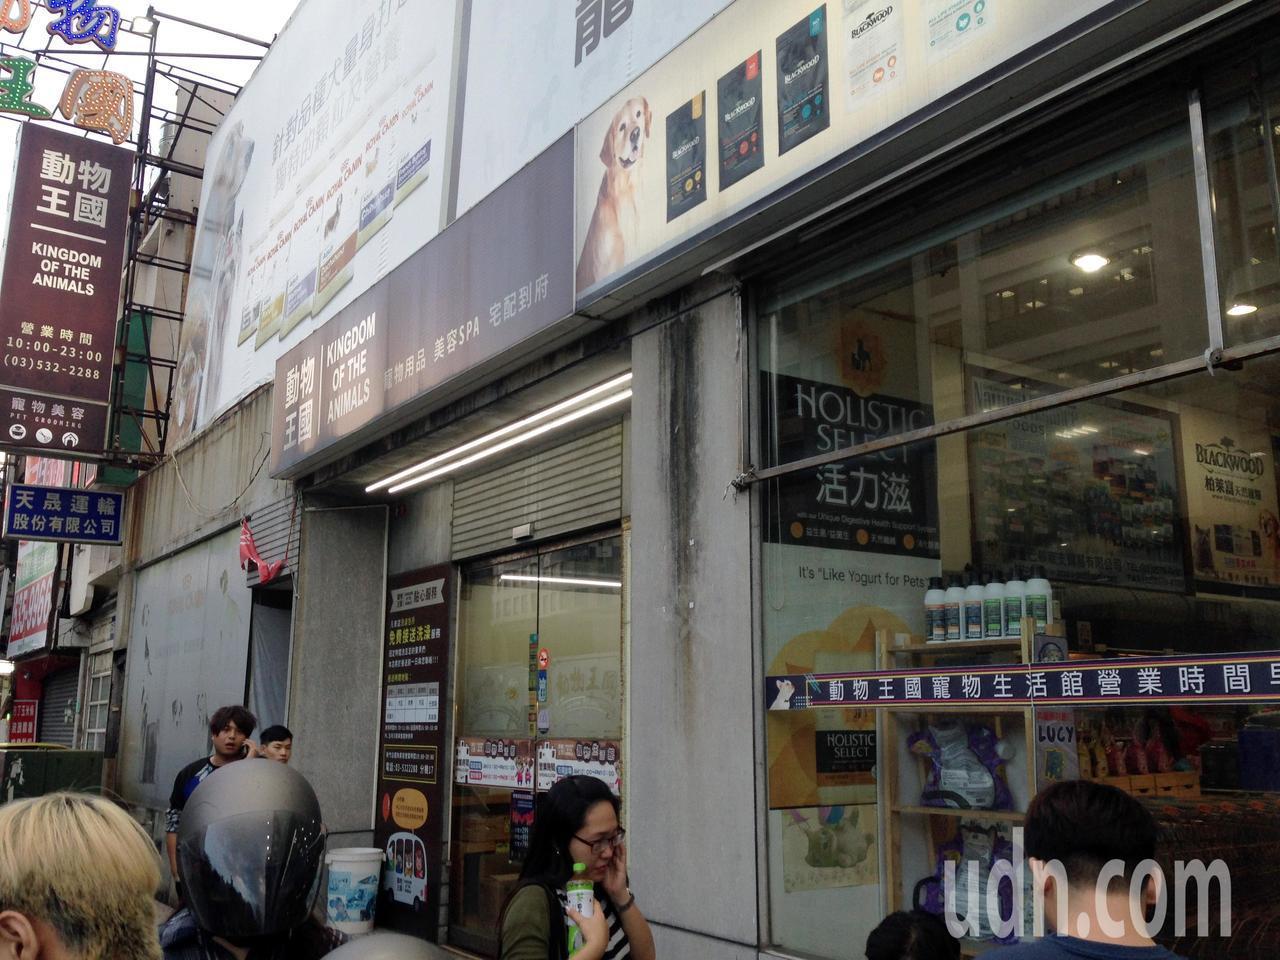 動物王國新竹店倒閉,不少民眾前來想認養貓、狗,但店內貓、狗已全數送養。記者郭宣彣...